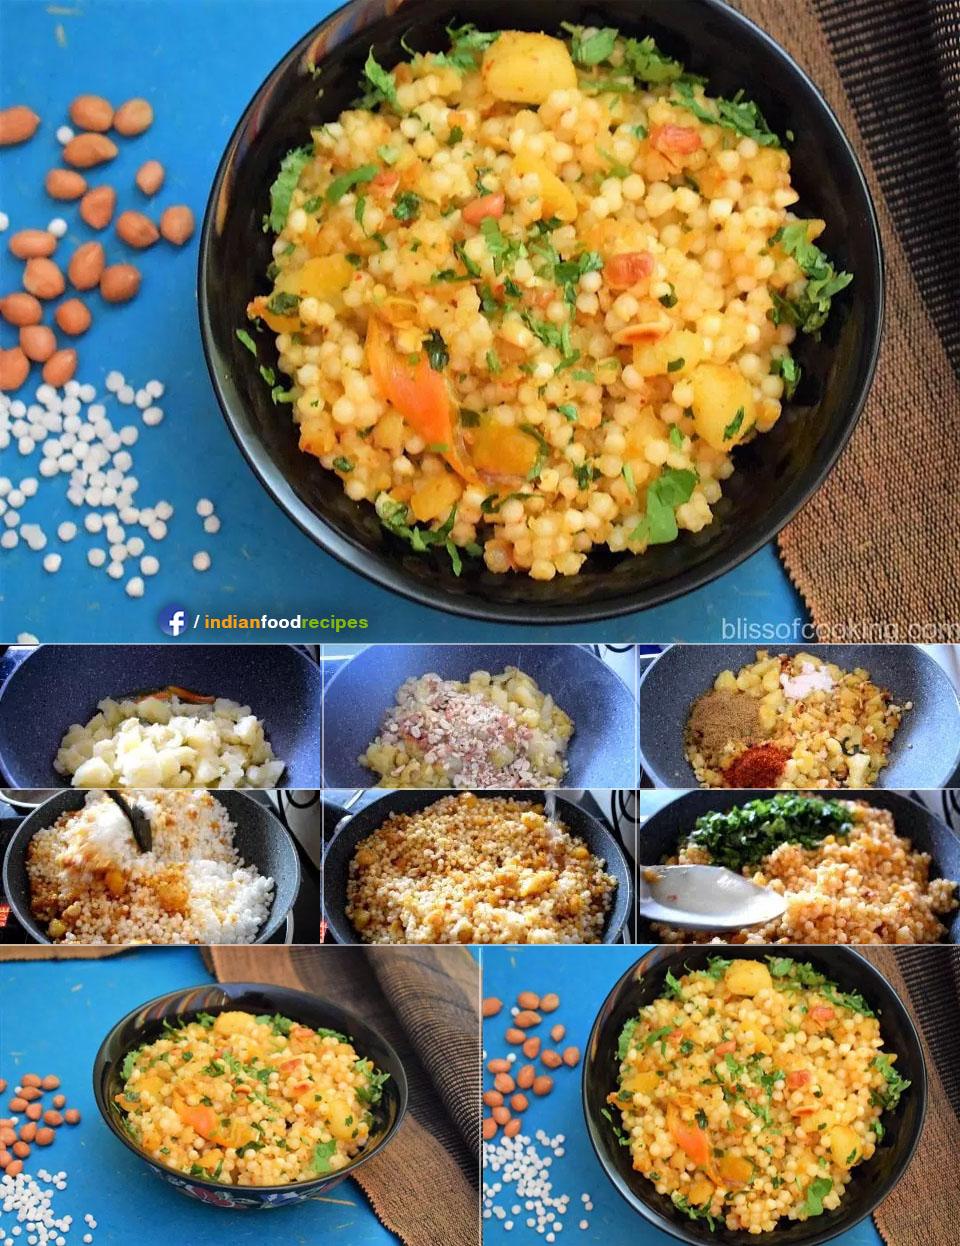 Falahari Sabudana Khichdi recipe step by step